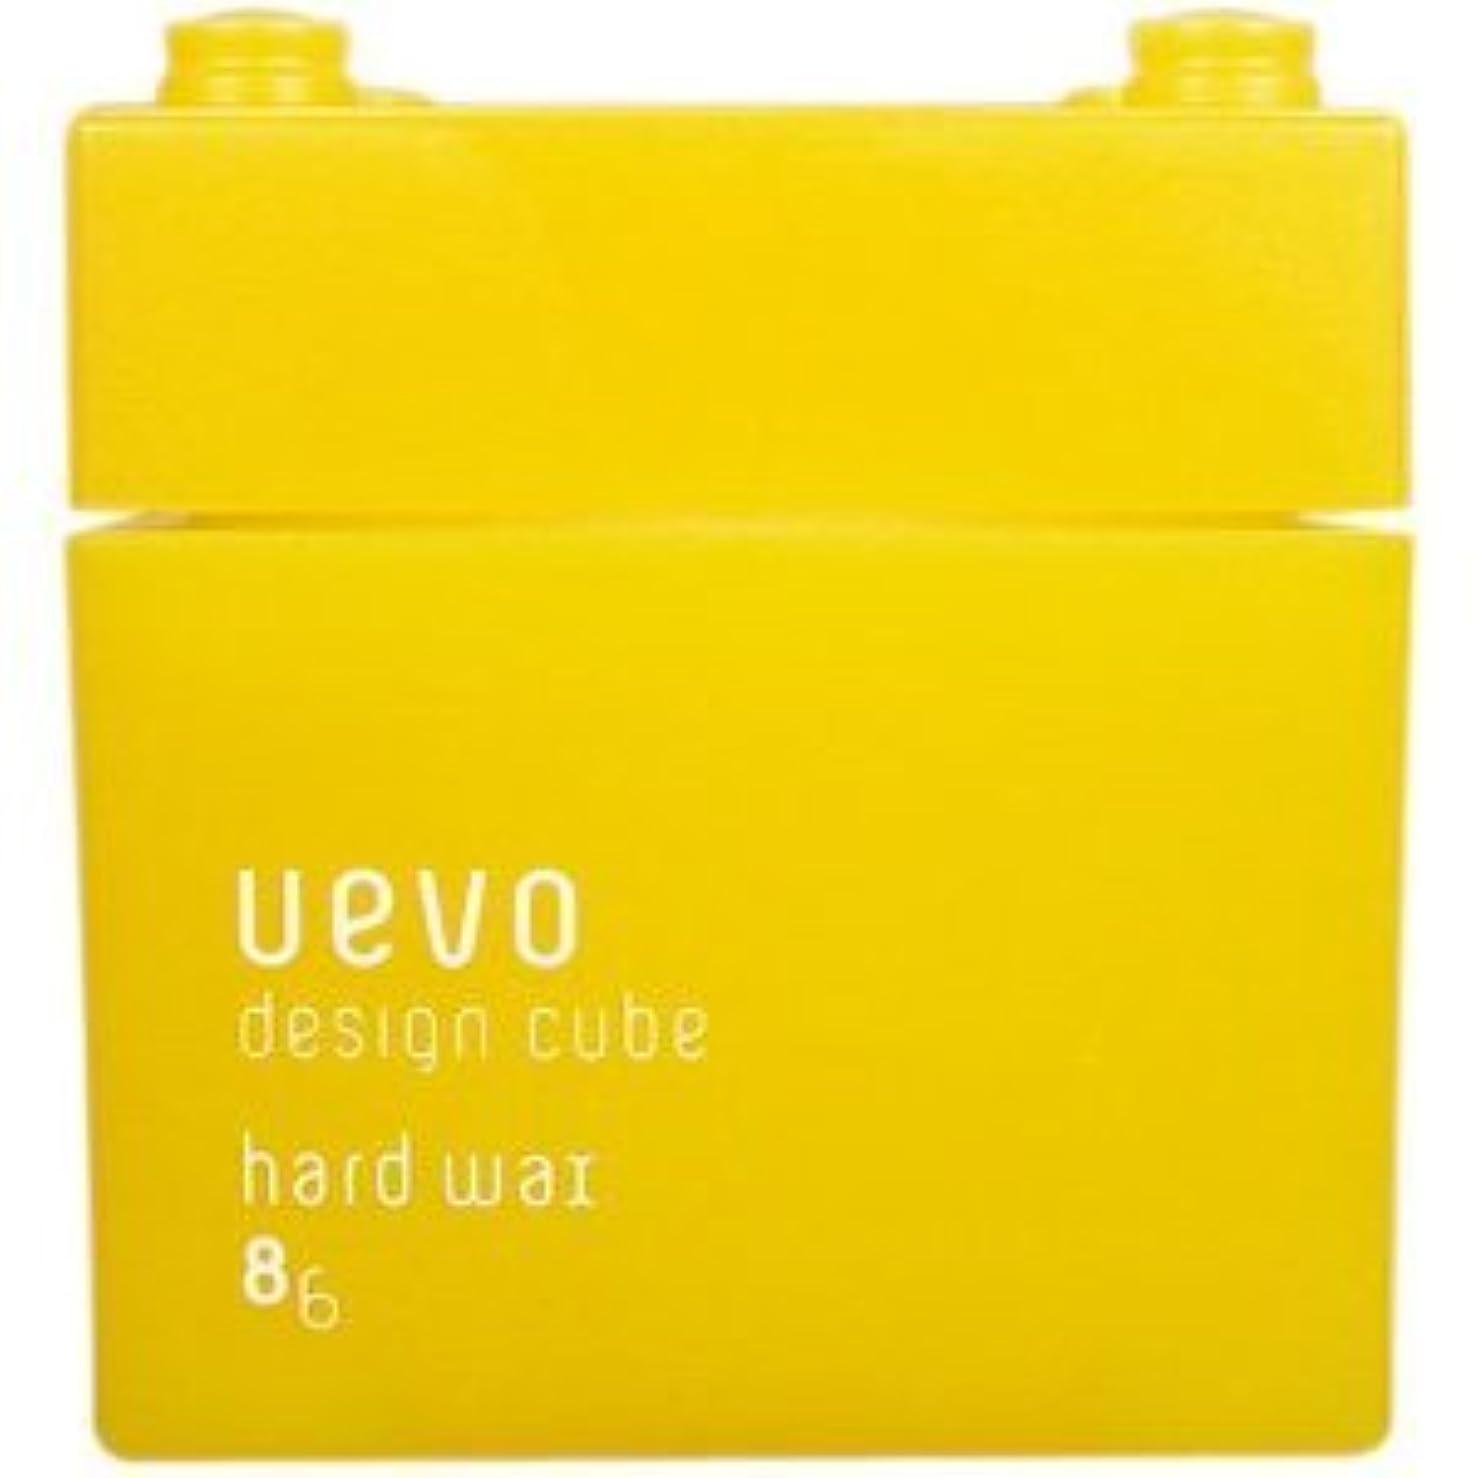 薄めるロマンチック横【X3個セット】 デミ ウェーボ デザインキューブ ハードワックス 80g hard wax DEMI uevo design cube